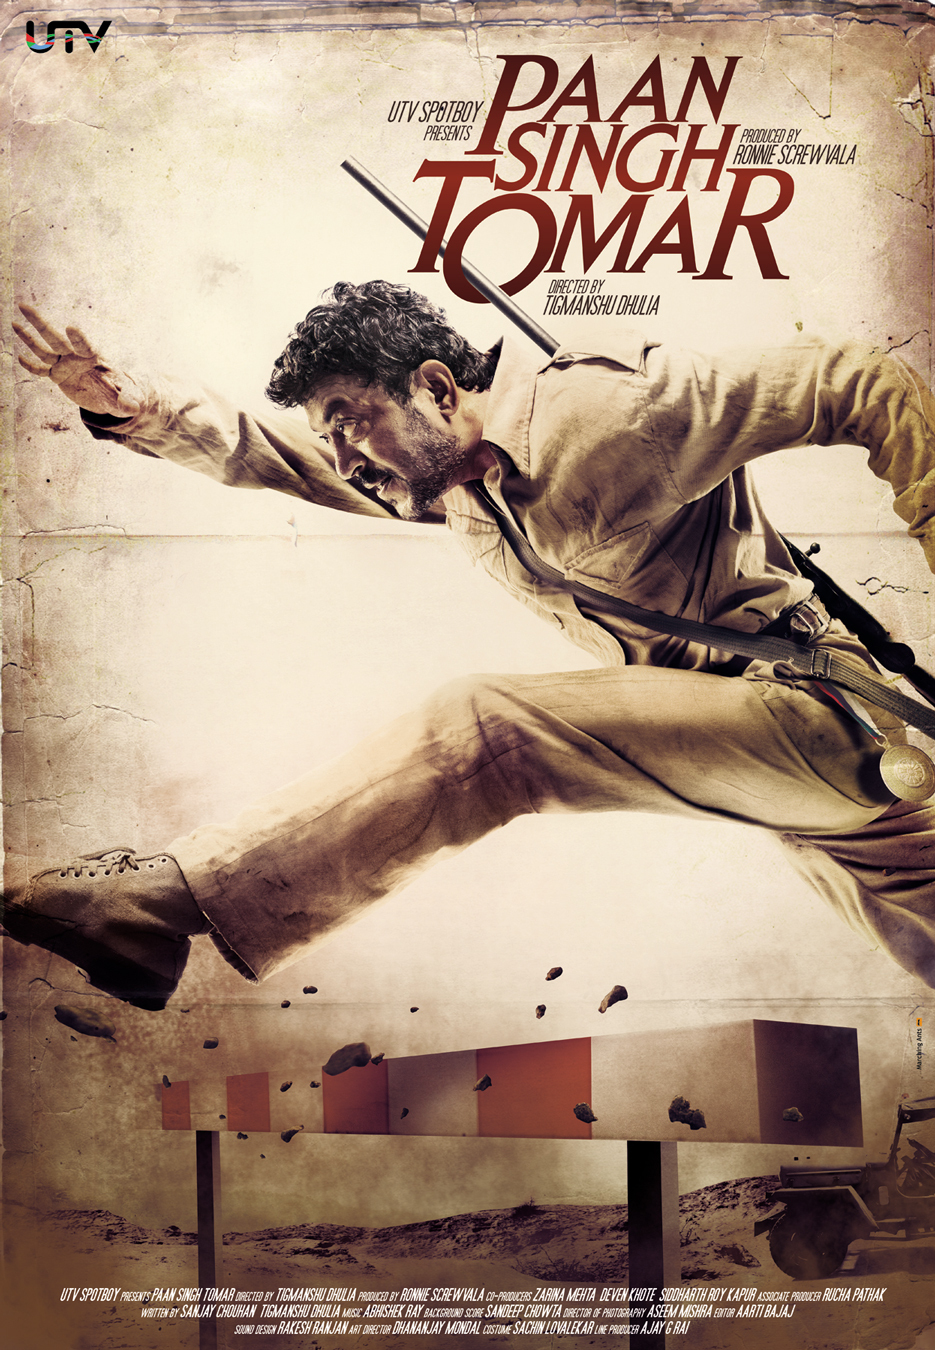 Image Paan Singh Tomar Watch Full Movie Free Online